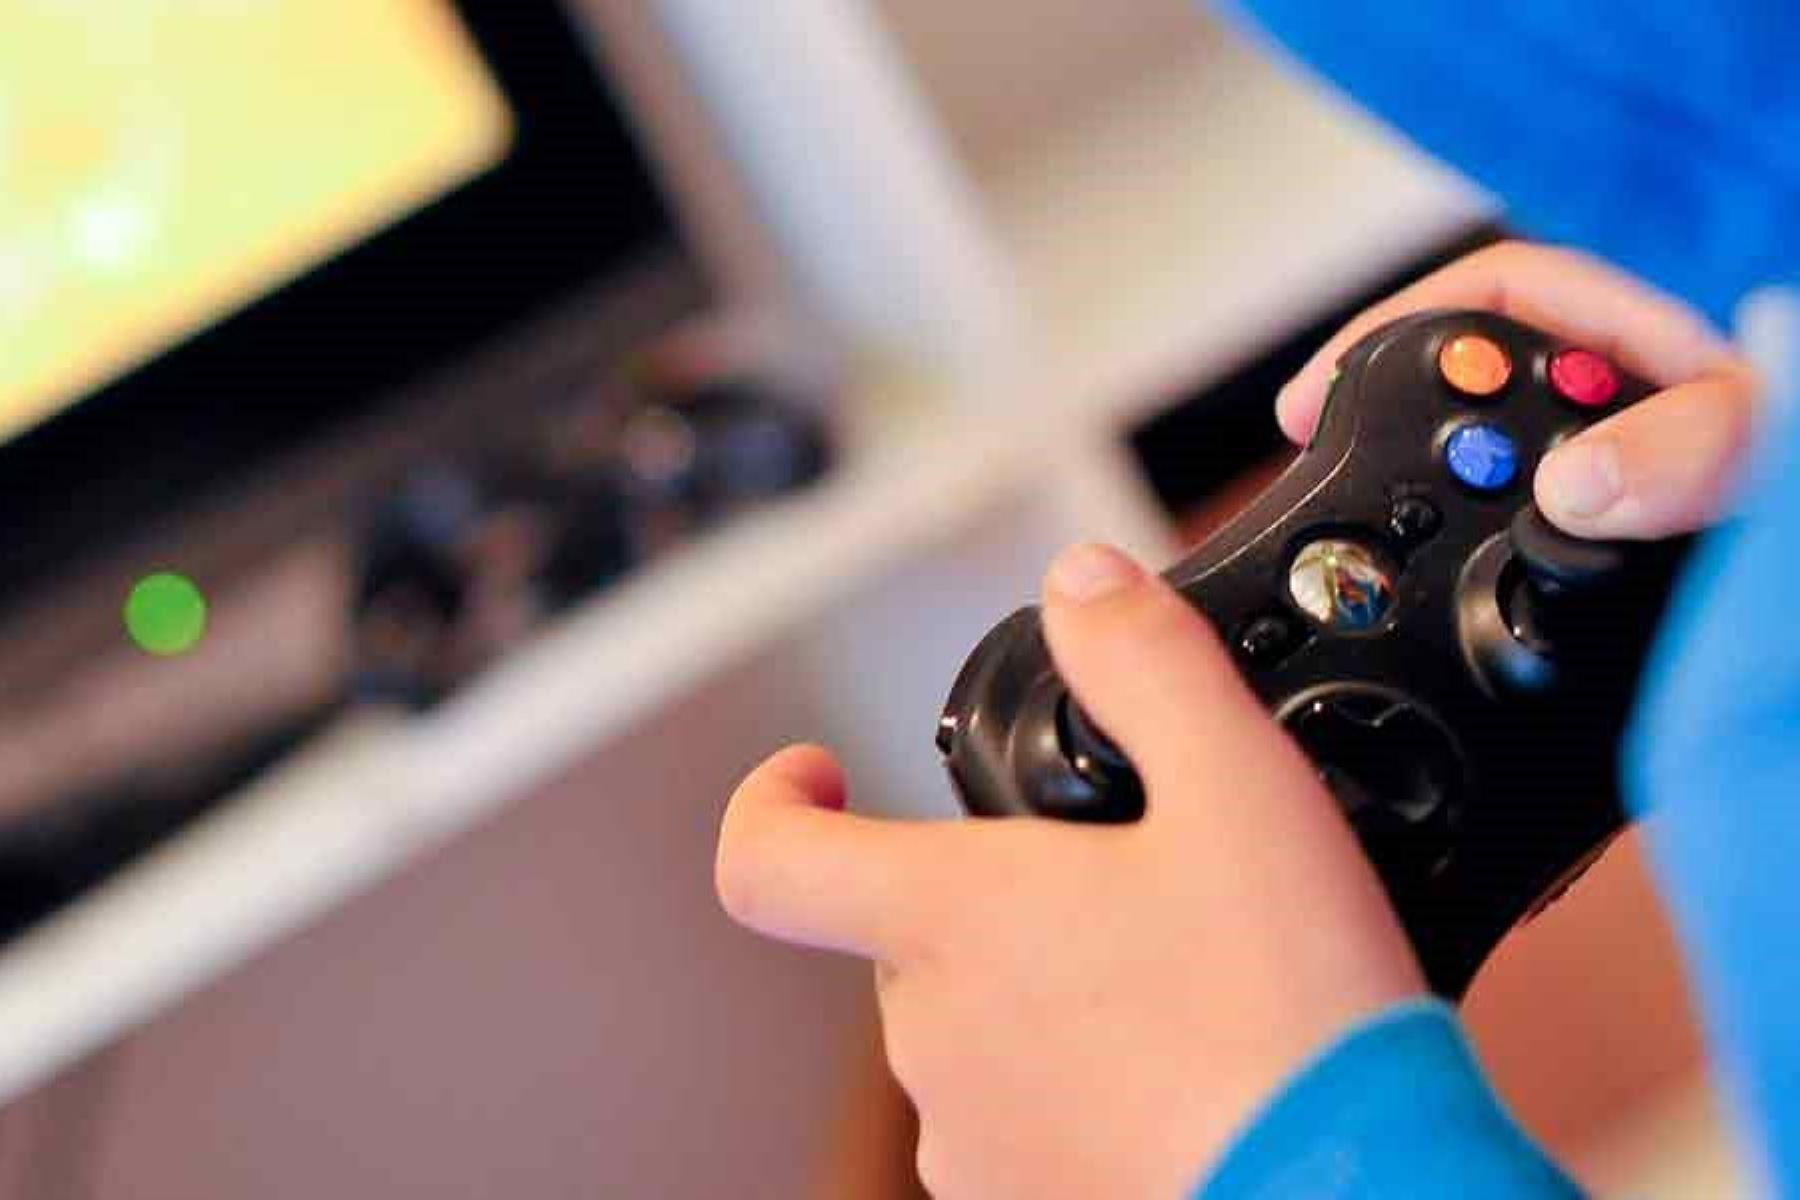 ONG Cedro advierte sobre el peligro real de la adicción a los videojuegos.